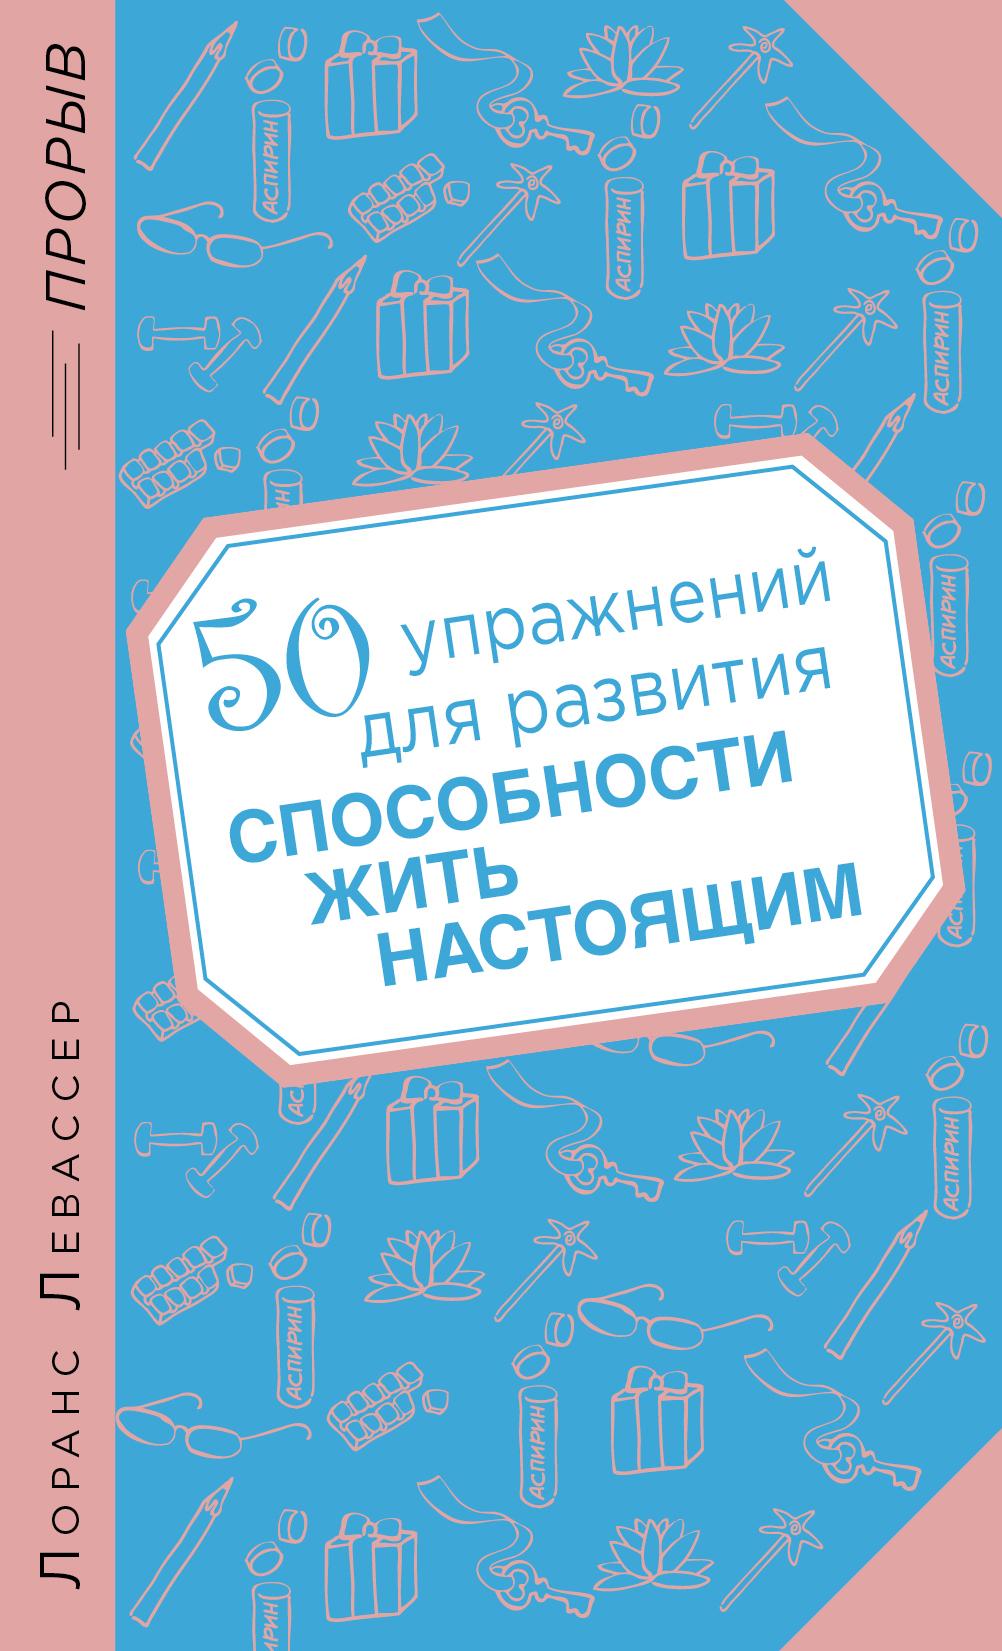 Левассер Л. 50 упражнений для развития способности жить настоящим ISBN: 978-5-699-68464-9 левассер л 50 упражнений для развития способности жить настоящим